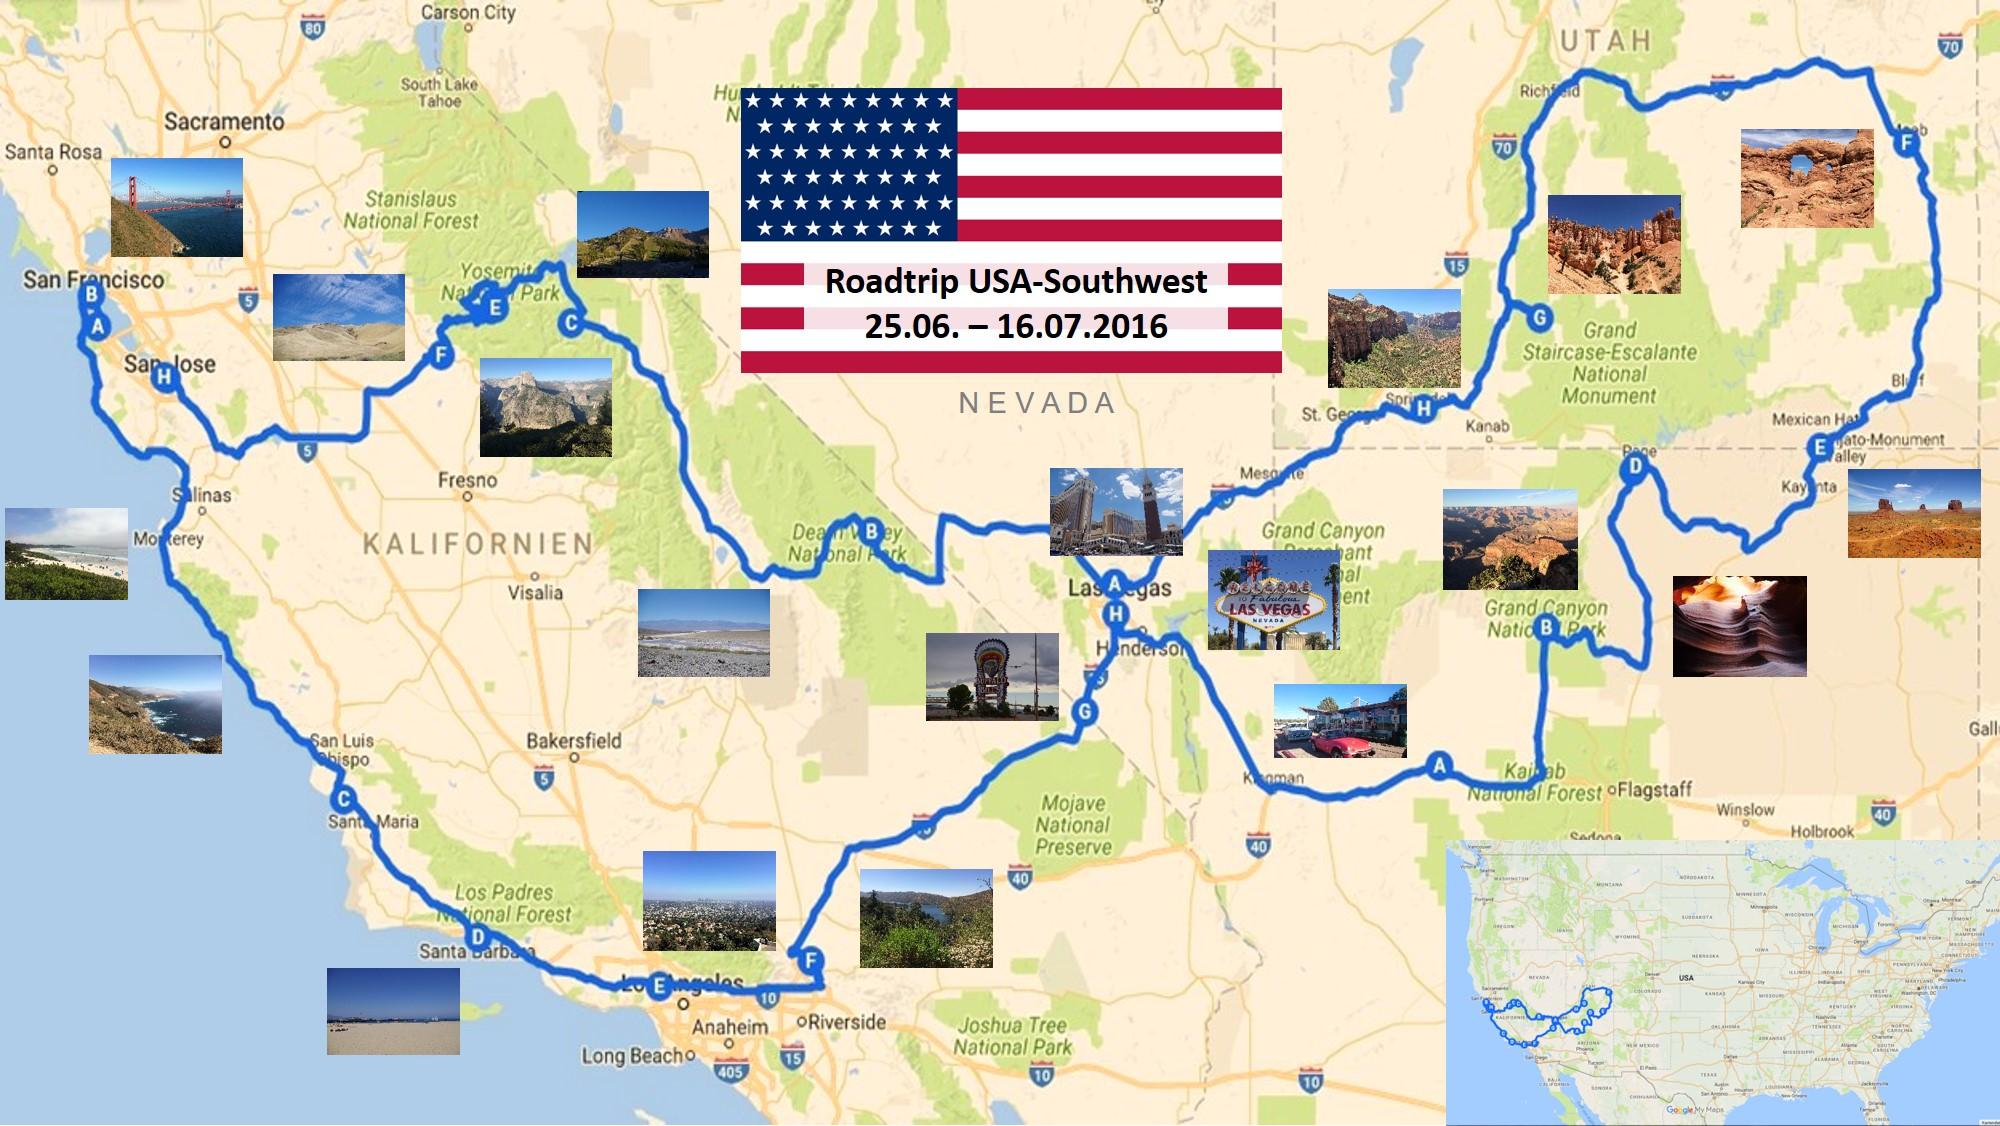 Karte Usa Westen.Die 9 Schönsten Nationalparks Und Naturgebiete Im Südwesten Der Usa